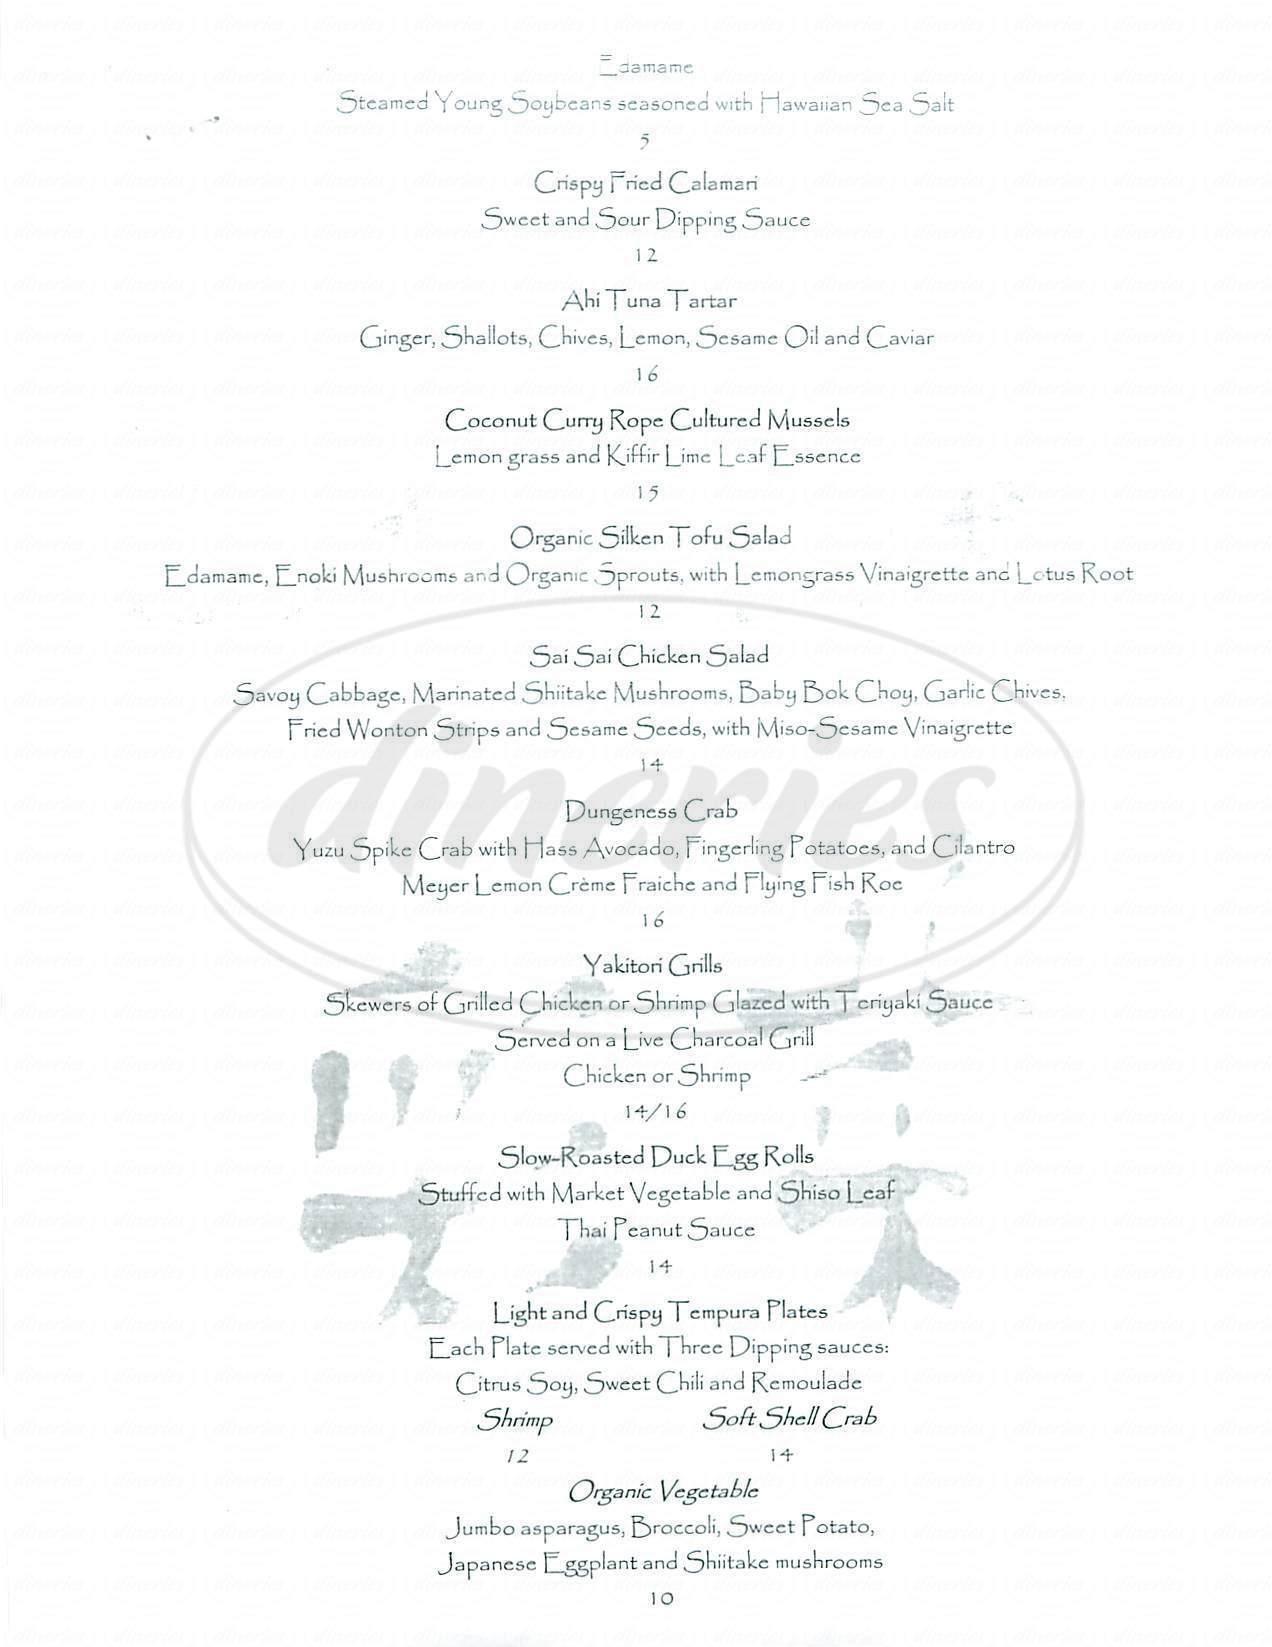 menu for Sai Sai